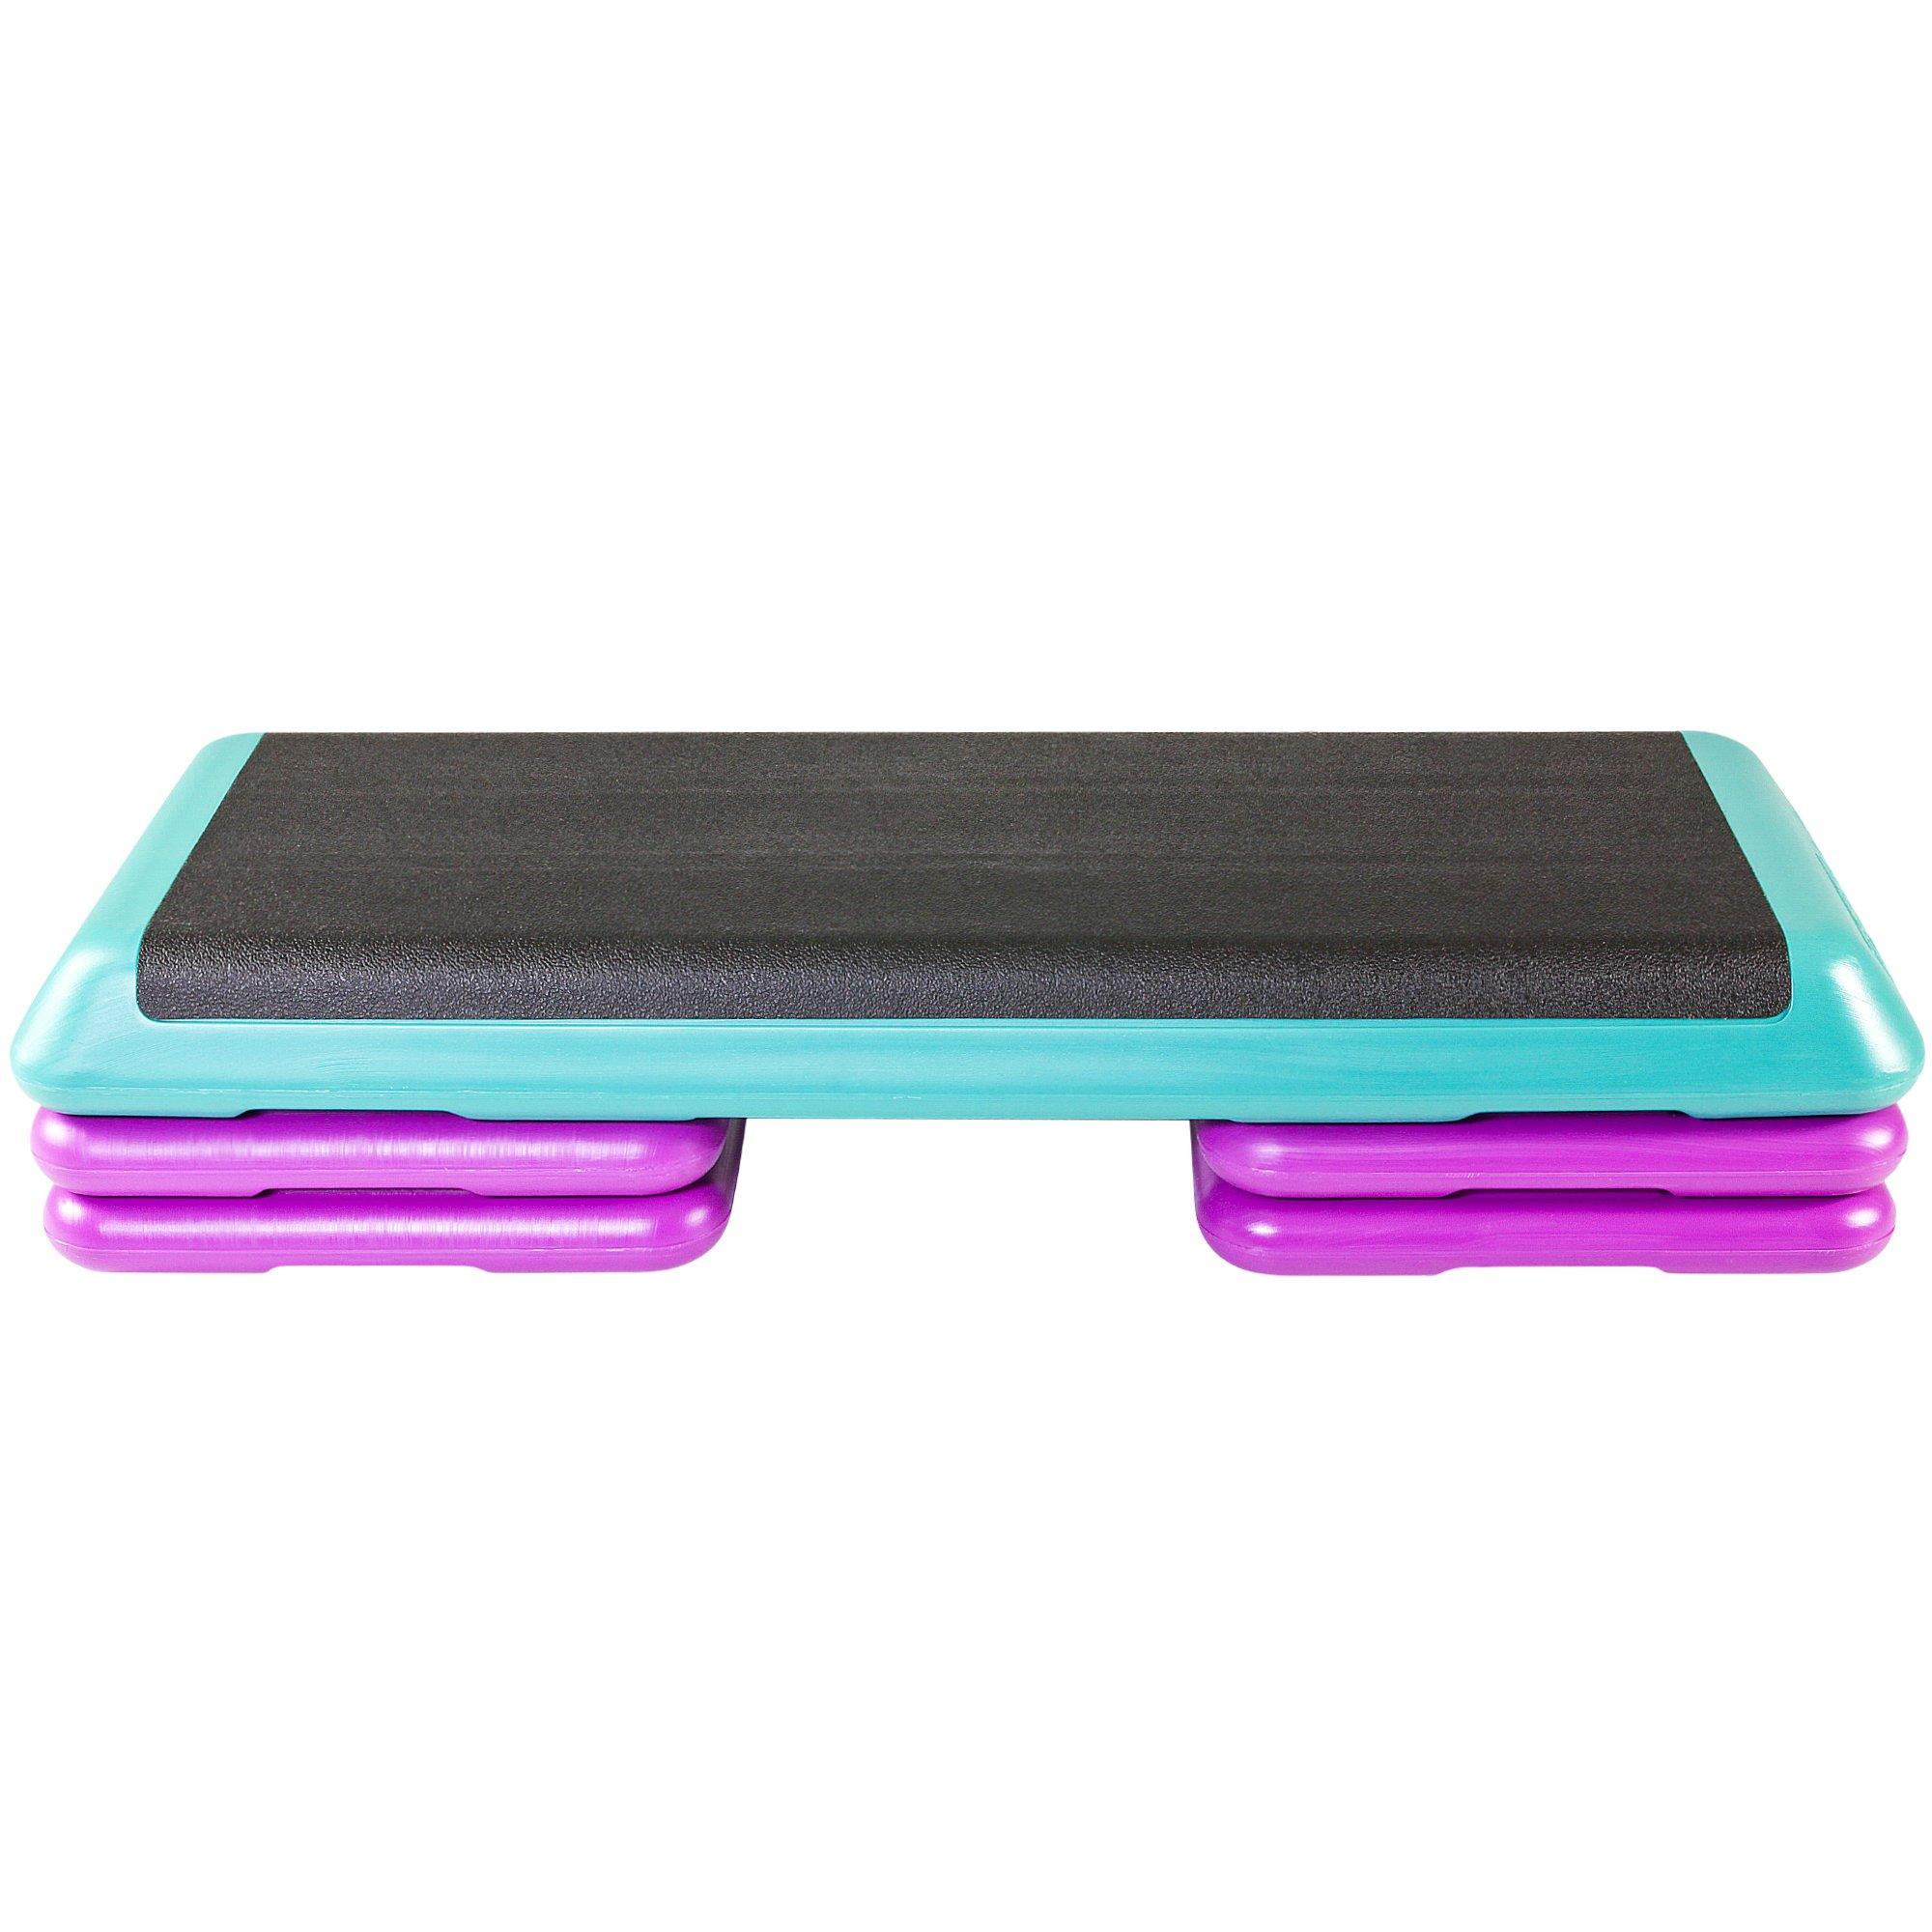 The Step Original Aerobic Platform – Health Club Size – With Four Original Risers by The Step